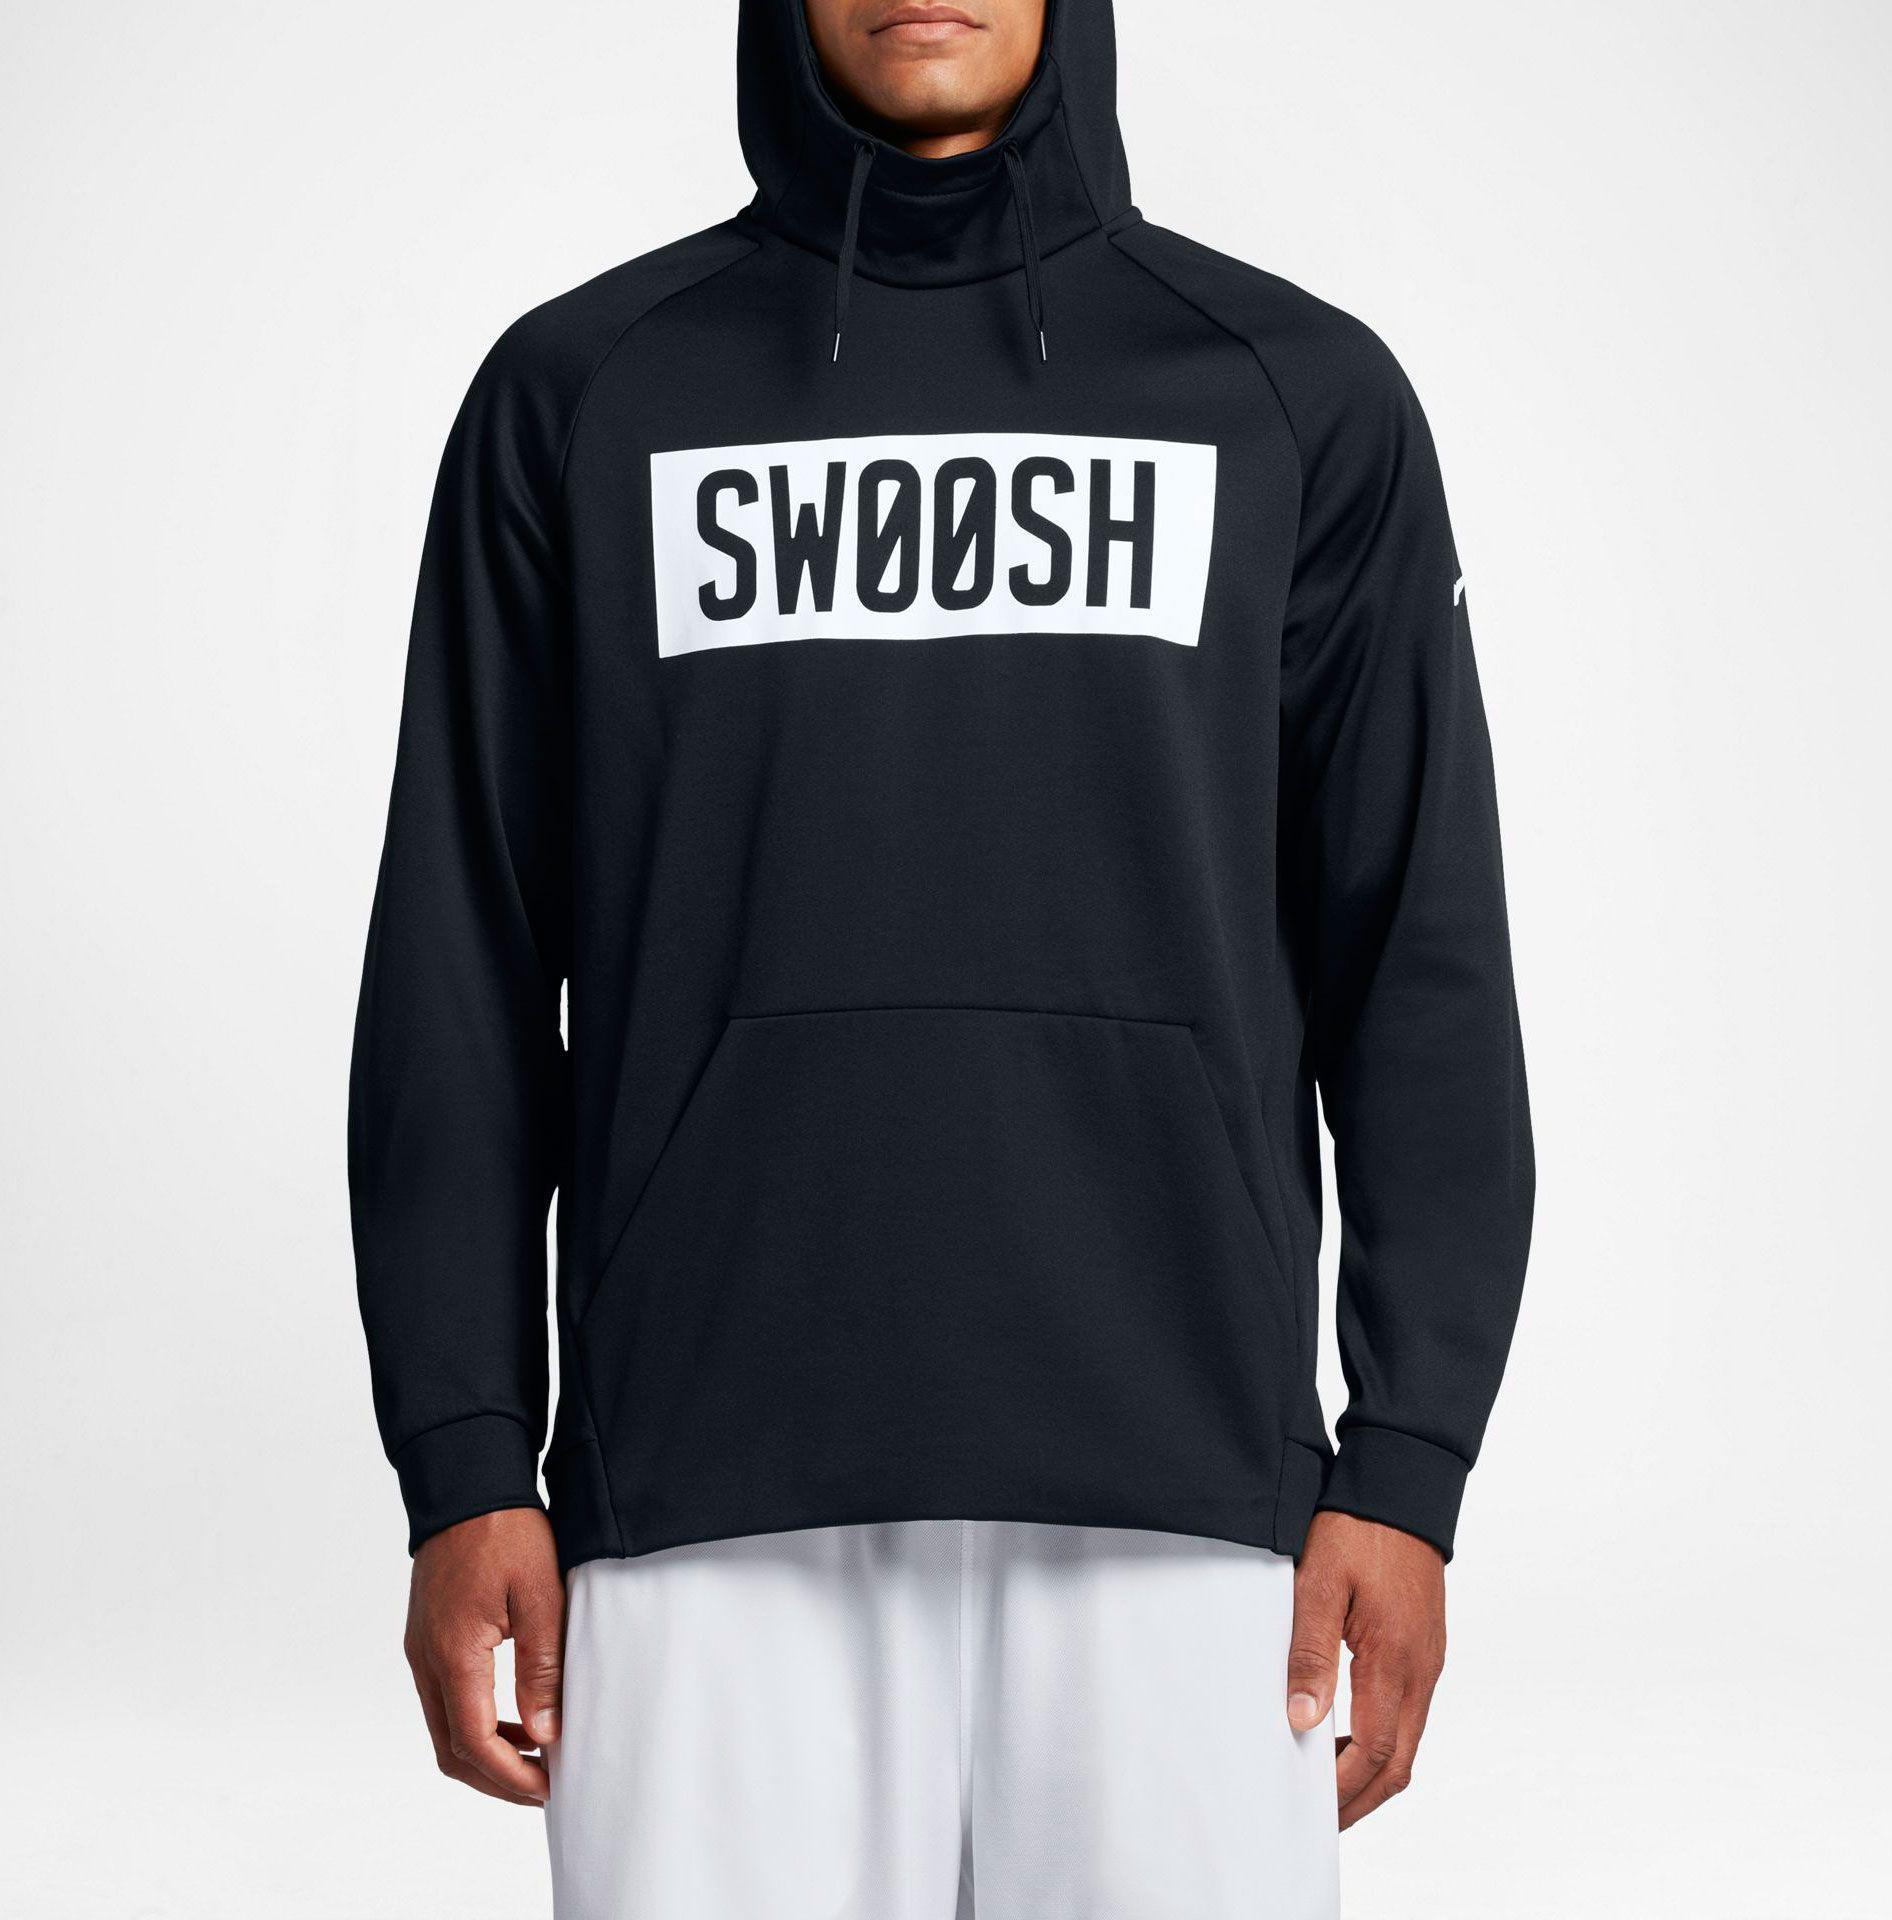 nike 4 swoosh sweatshirt